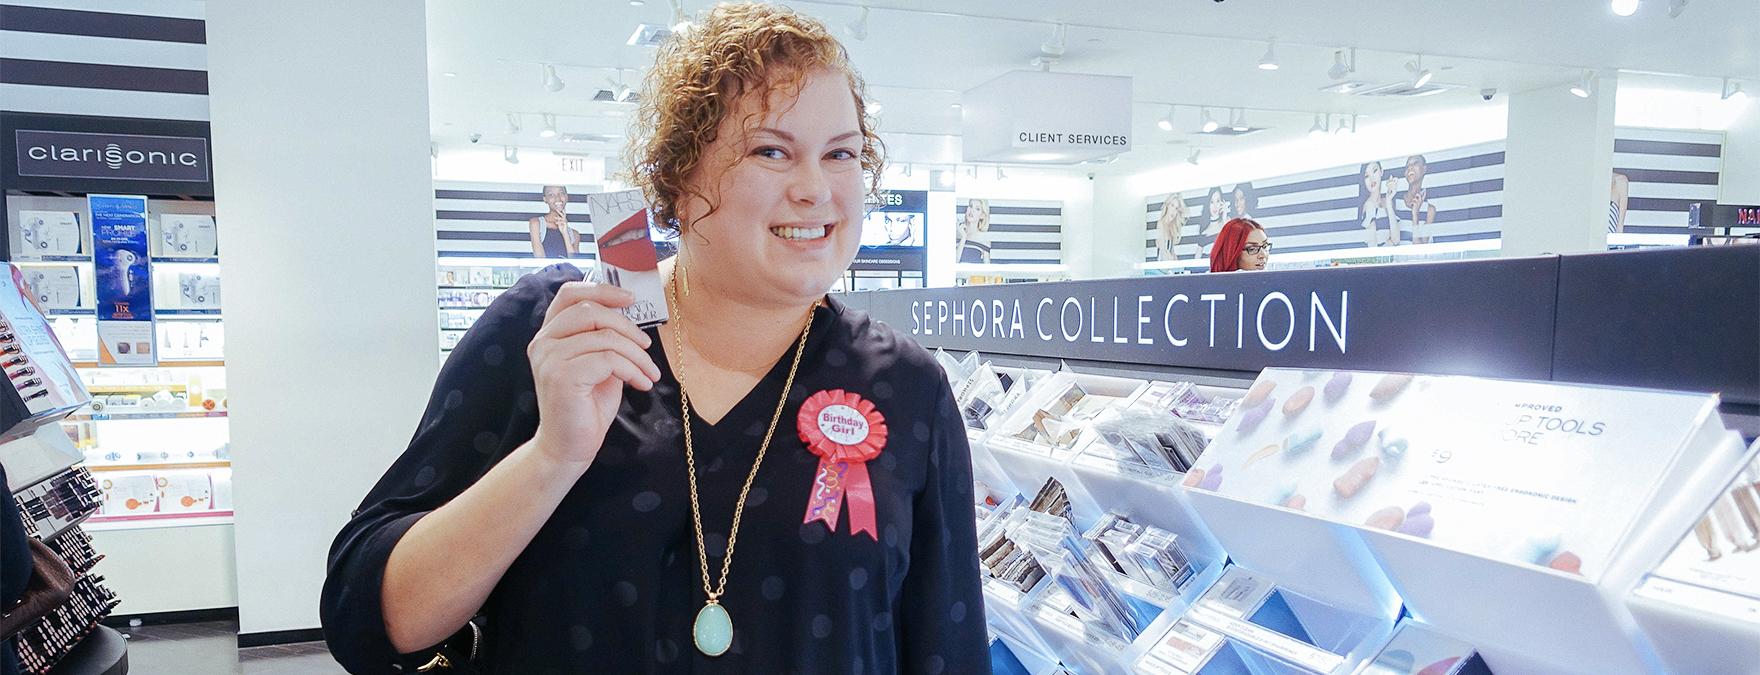 Jane at Sephora